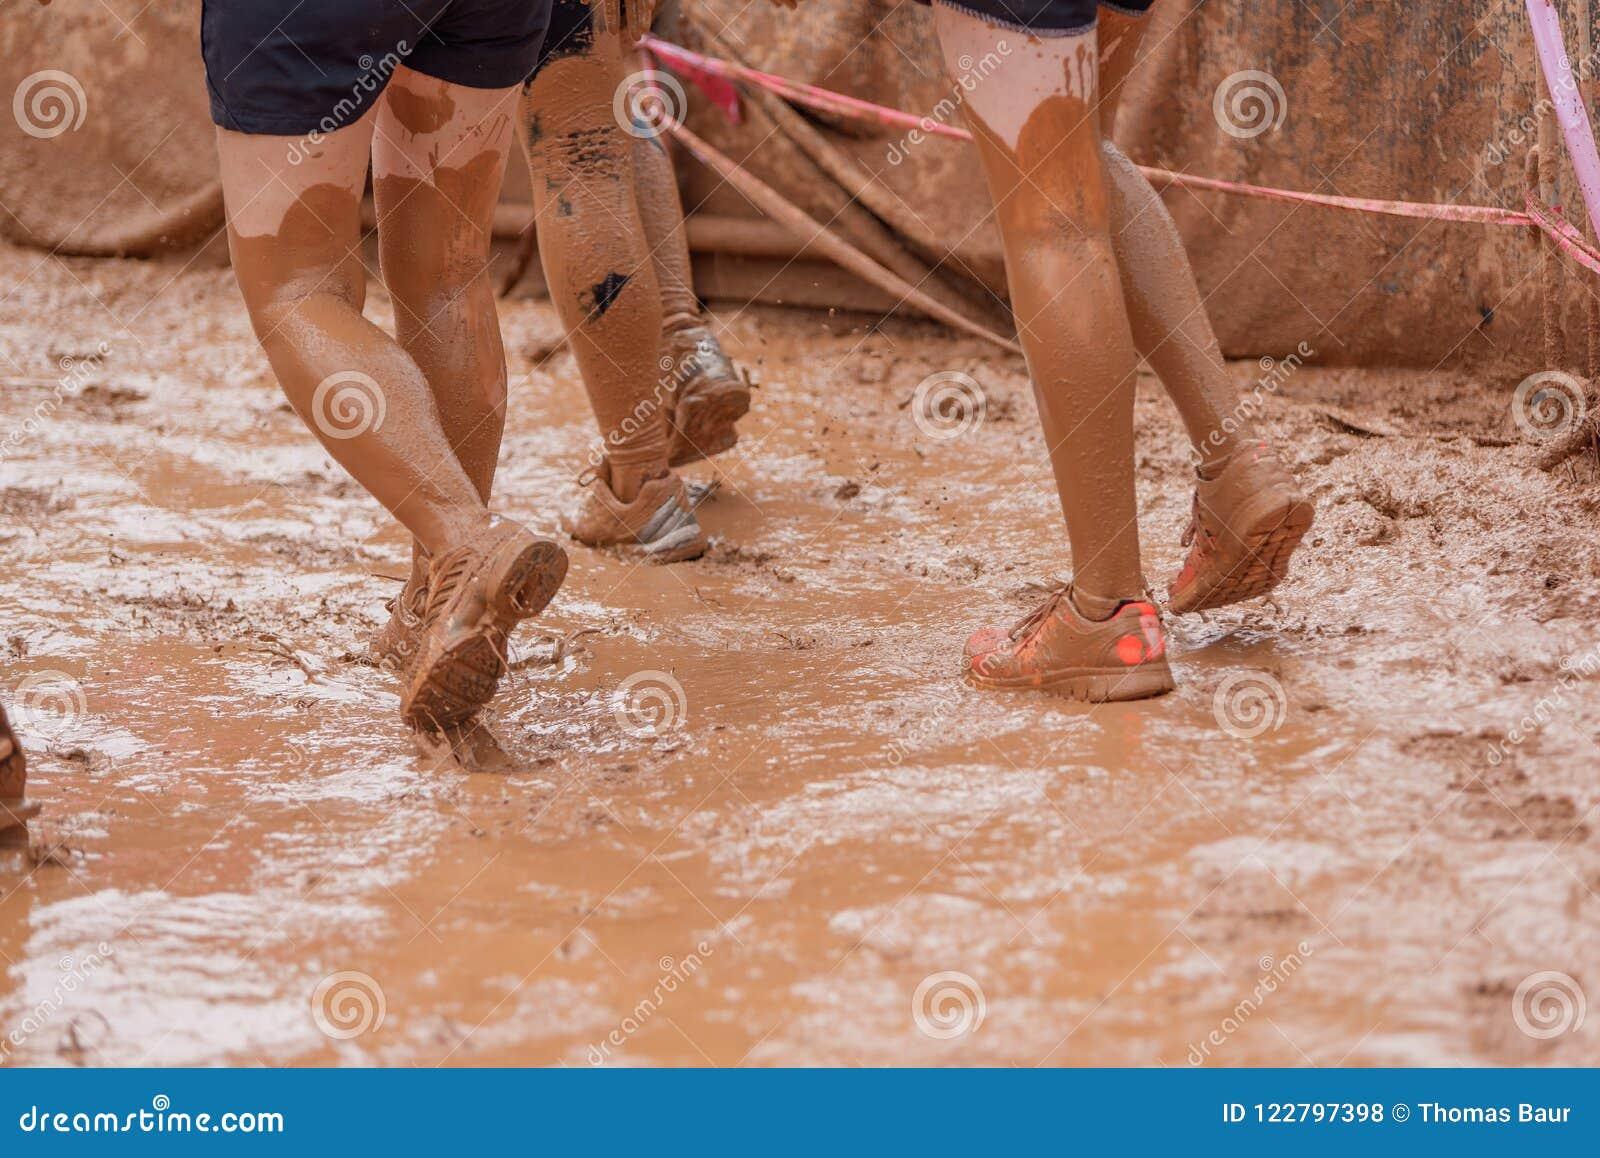 Mulheres do corredor de raça da lama que rastejam na lama sob obstáculos